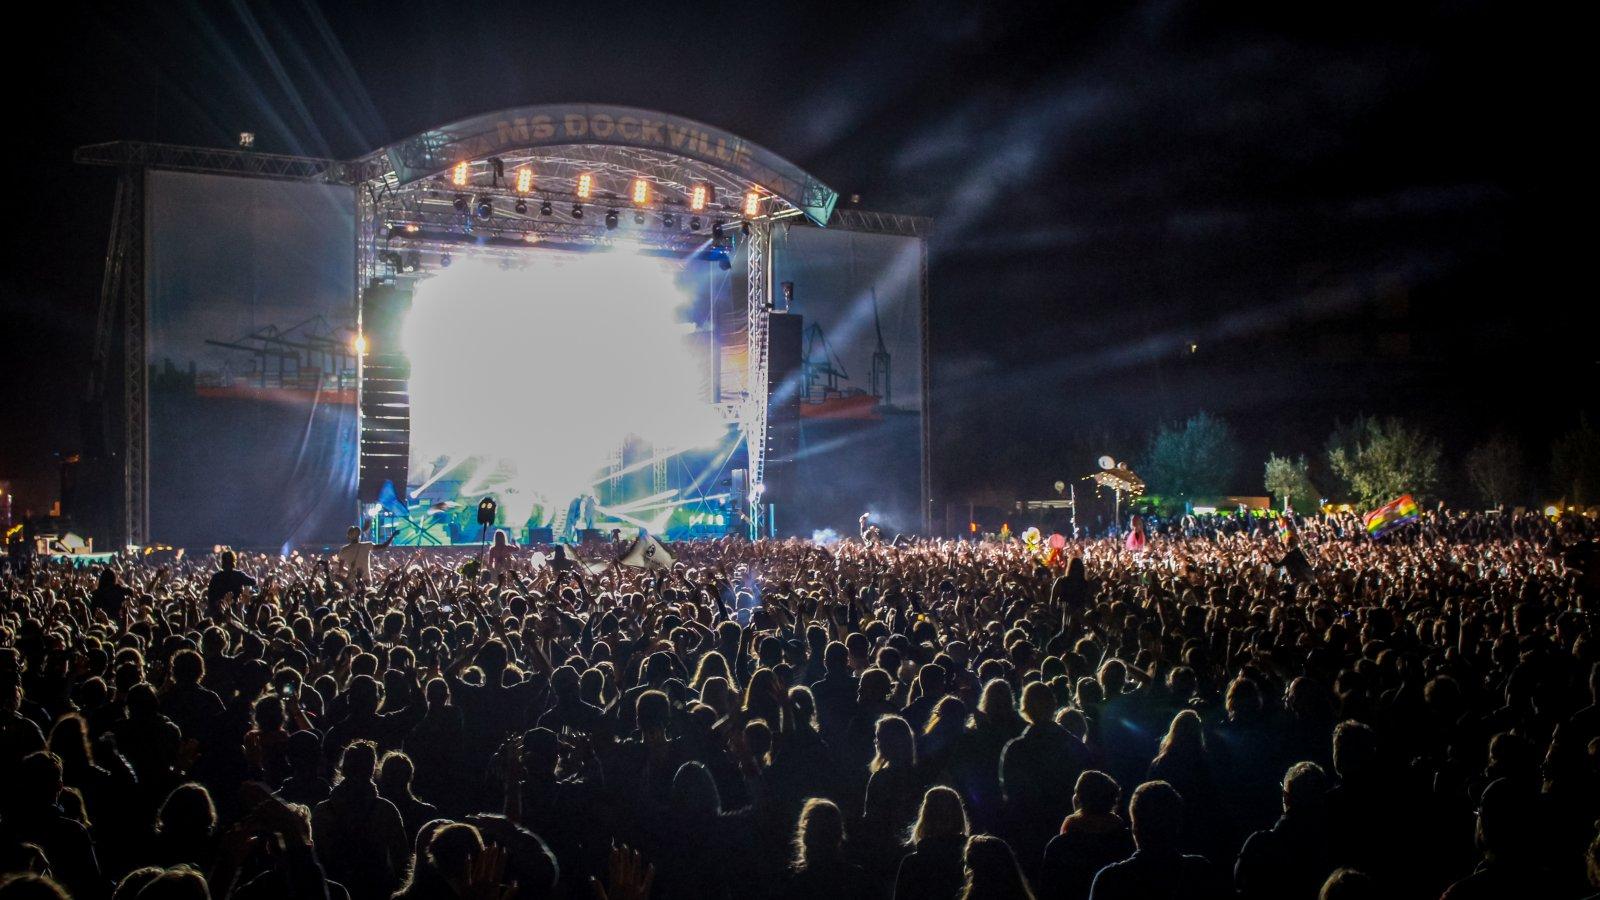 K.I.Z. MS DOCKVILLE Festival 2016